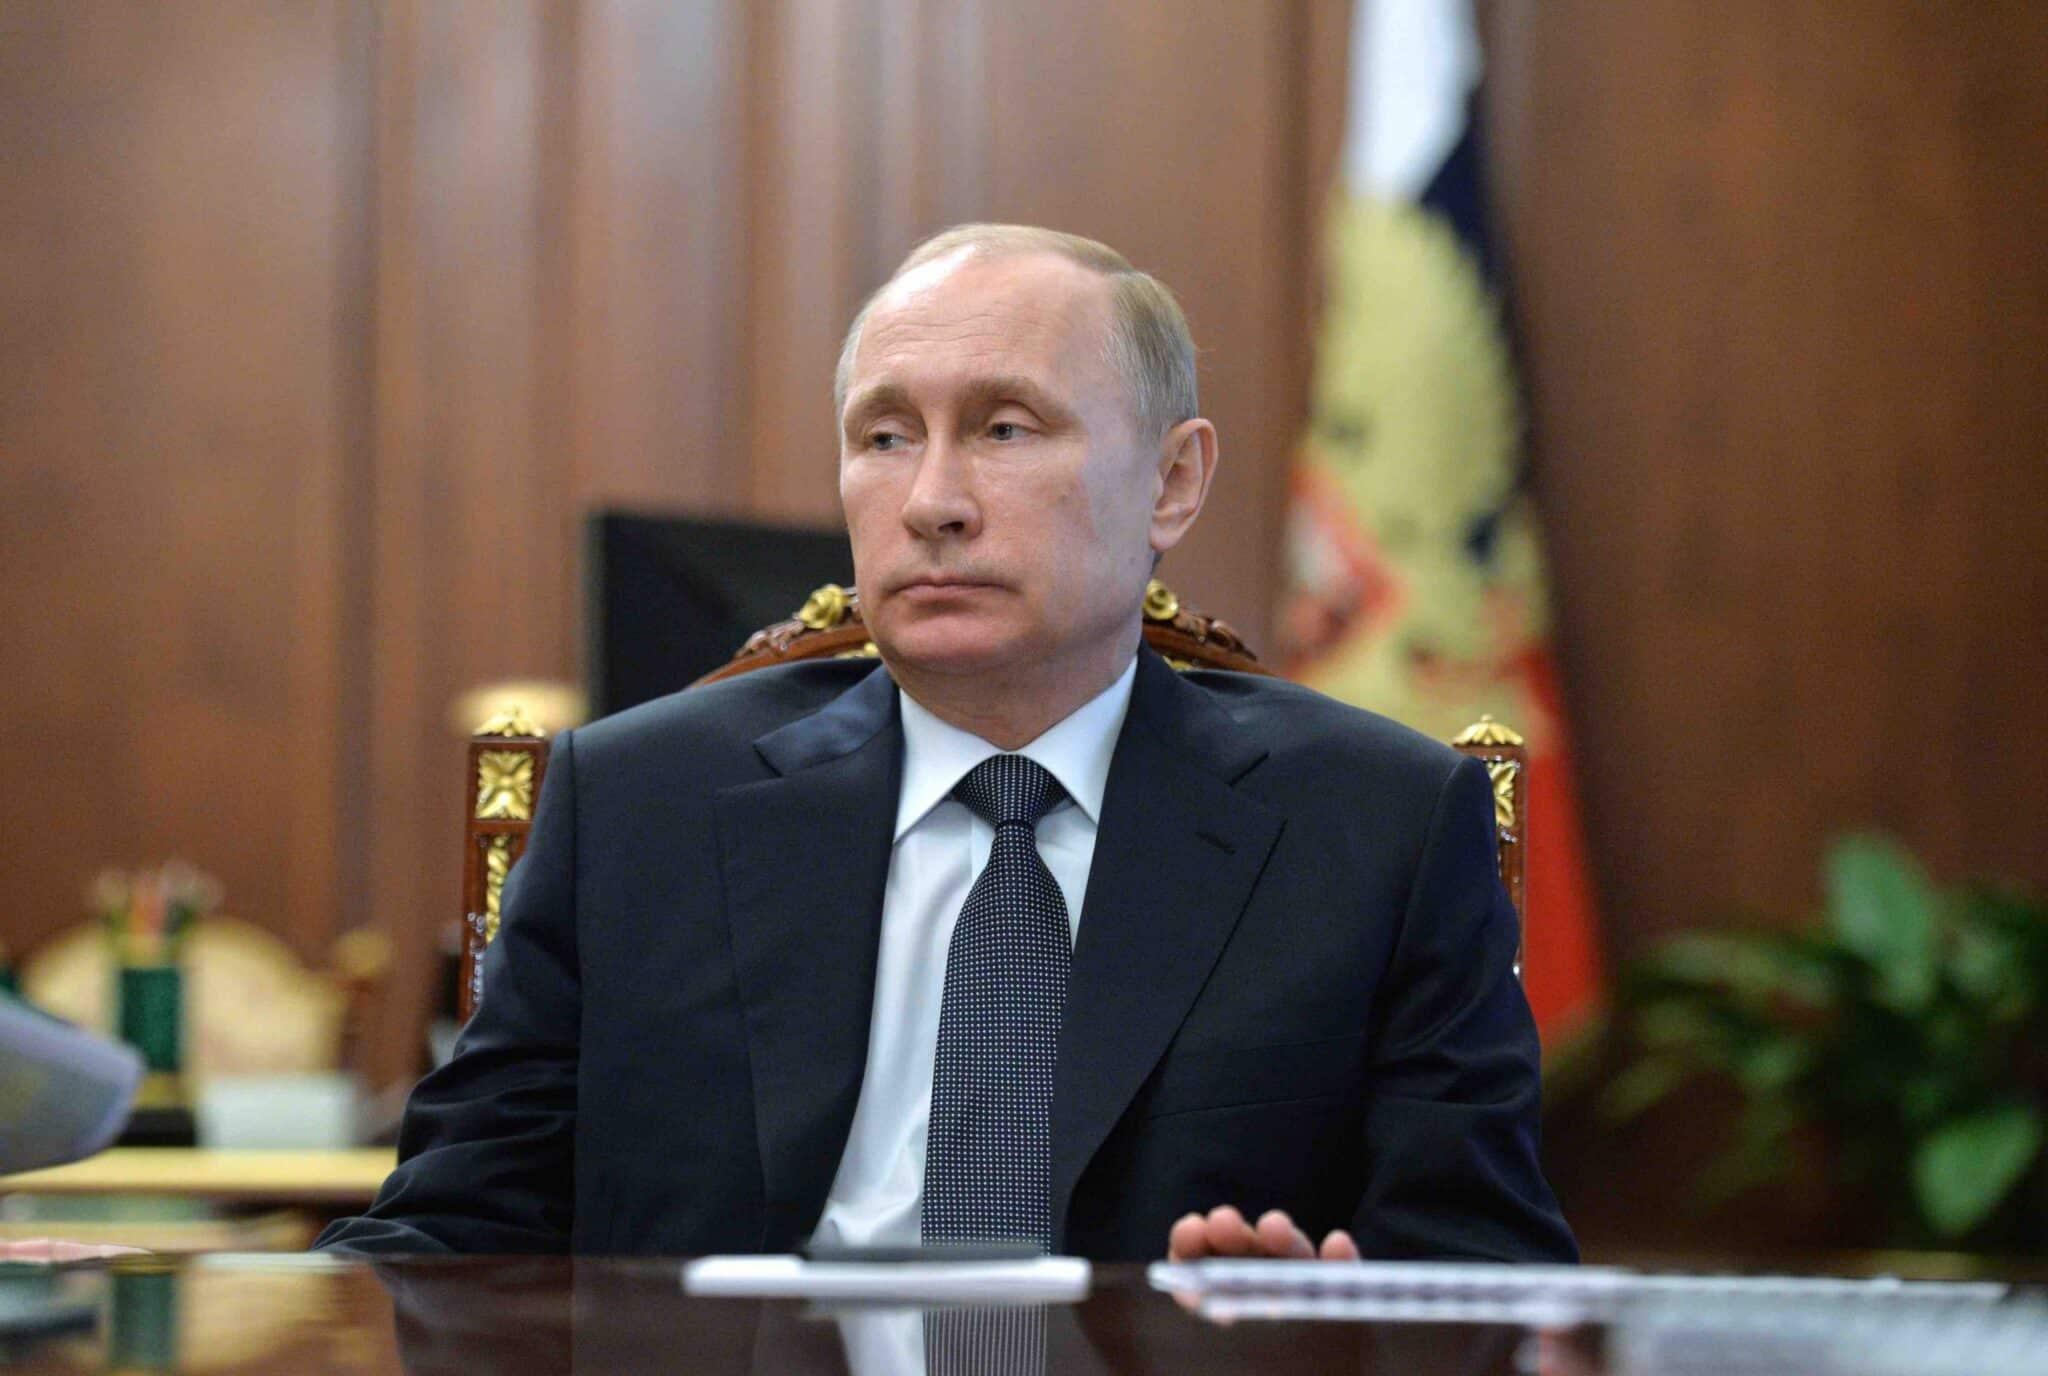 Каких ходов ждать от Кремля: политологи ищут информацию о смене власти между строк